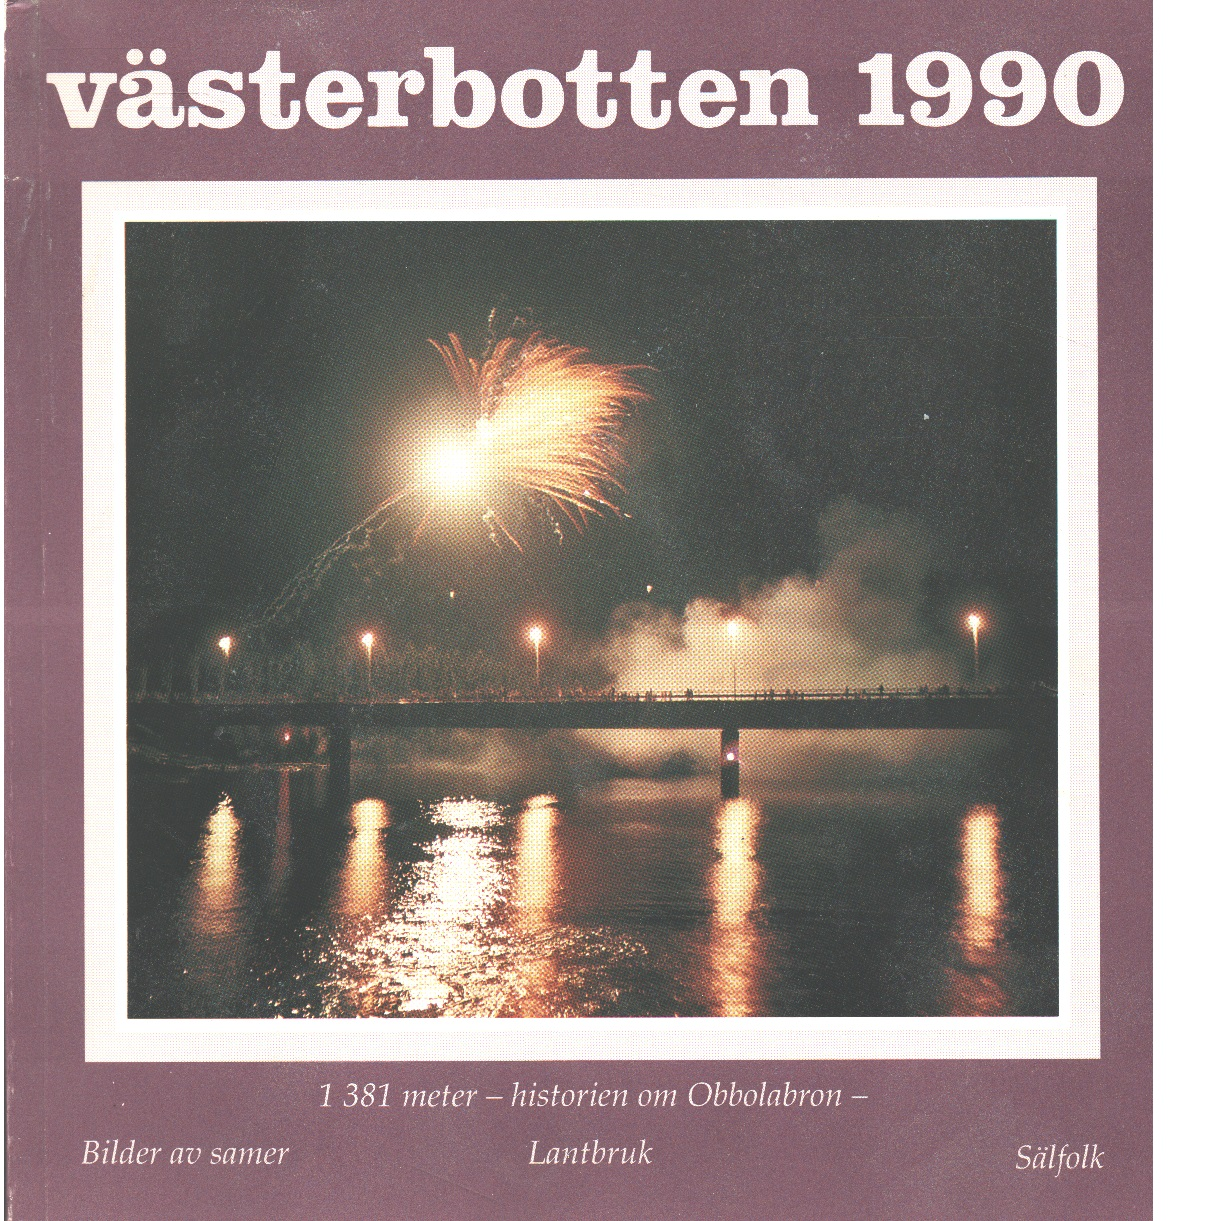 Västerbotten : Västerbottens läns hembygdsförenings årsbok 1990 - Red.